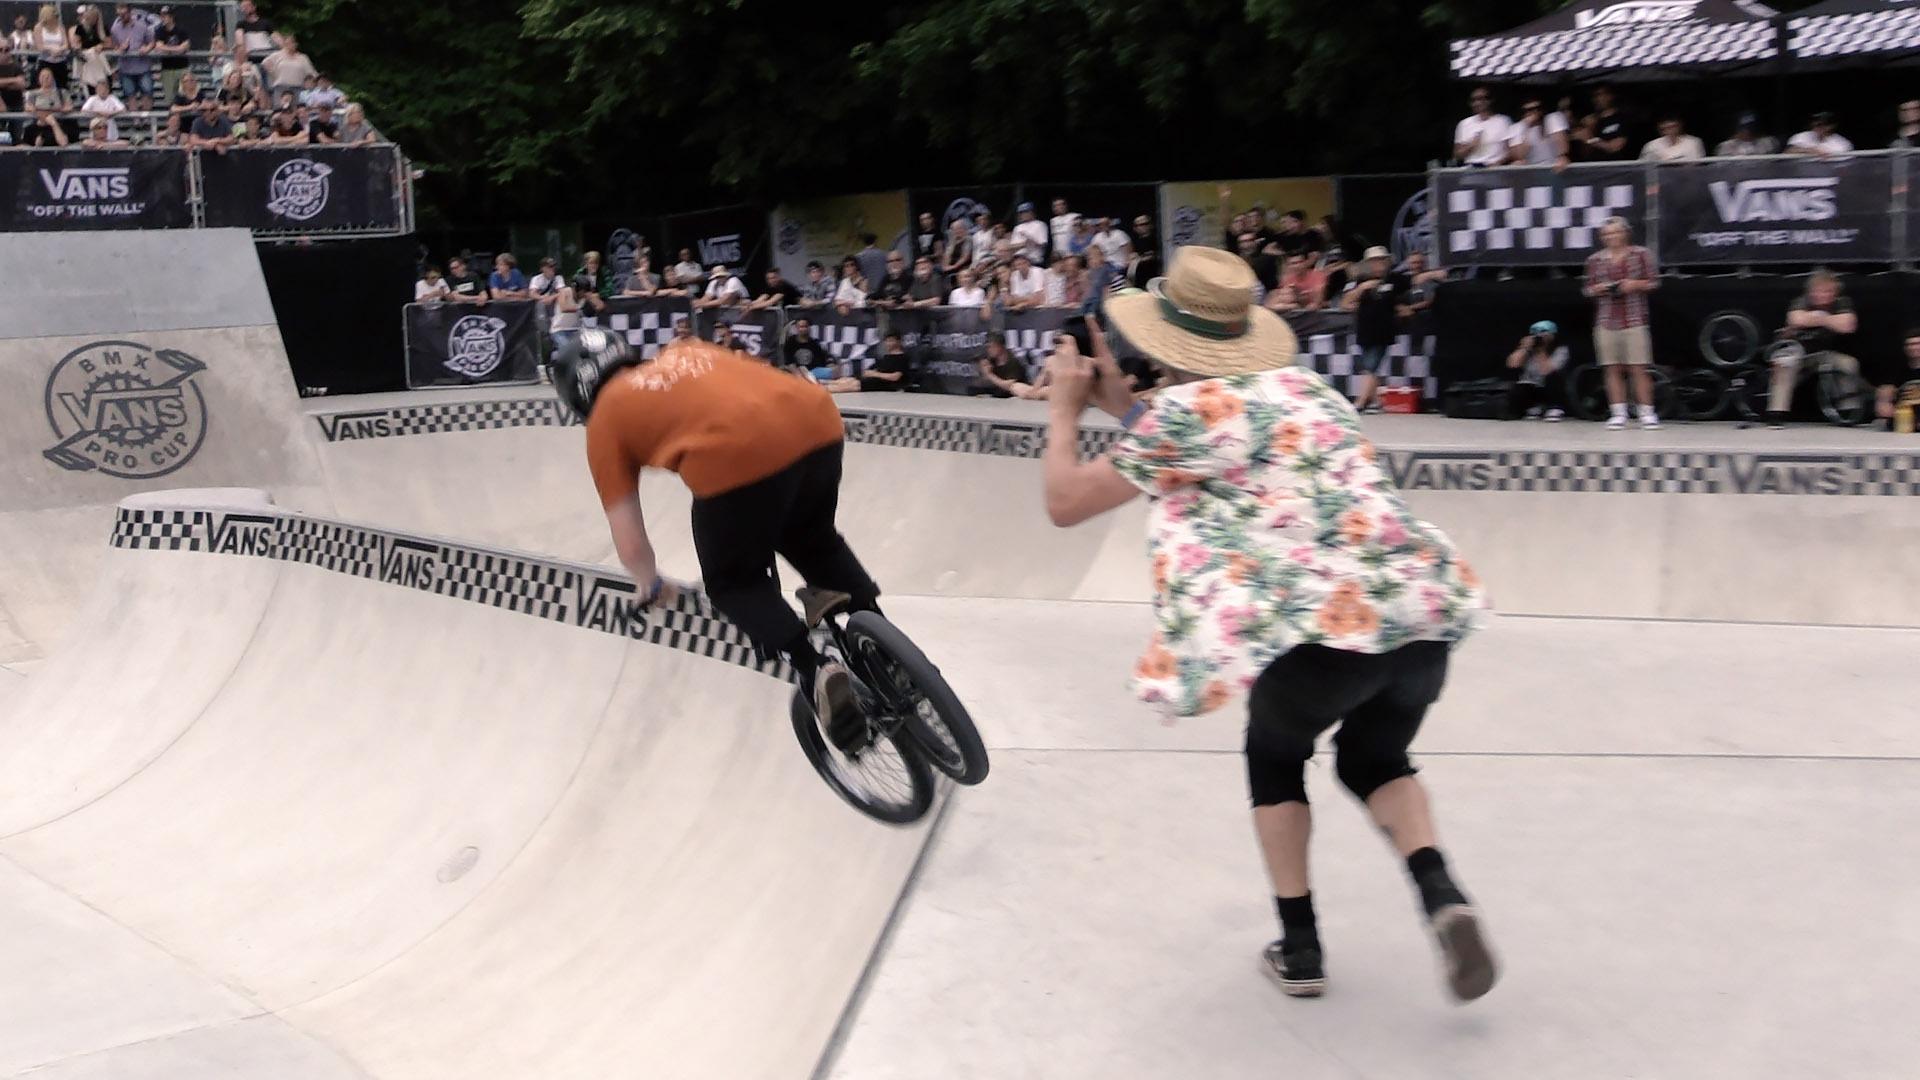 VANS BMX PRO CUP: UK Riders in Stuttgart